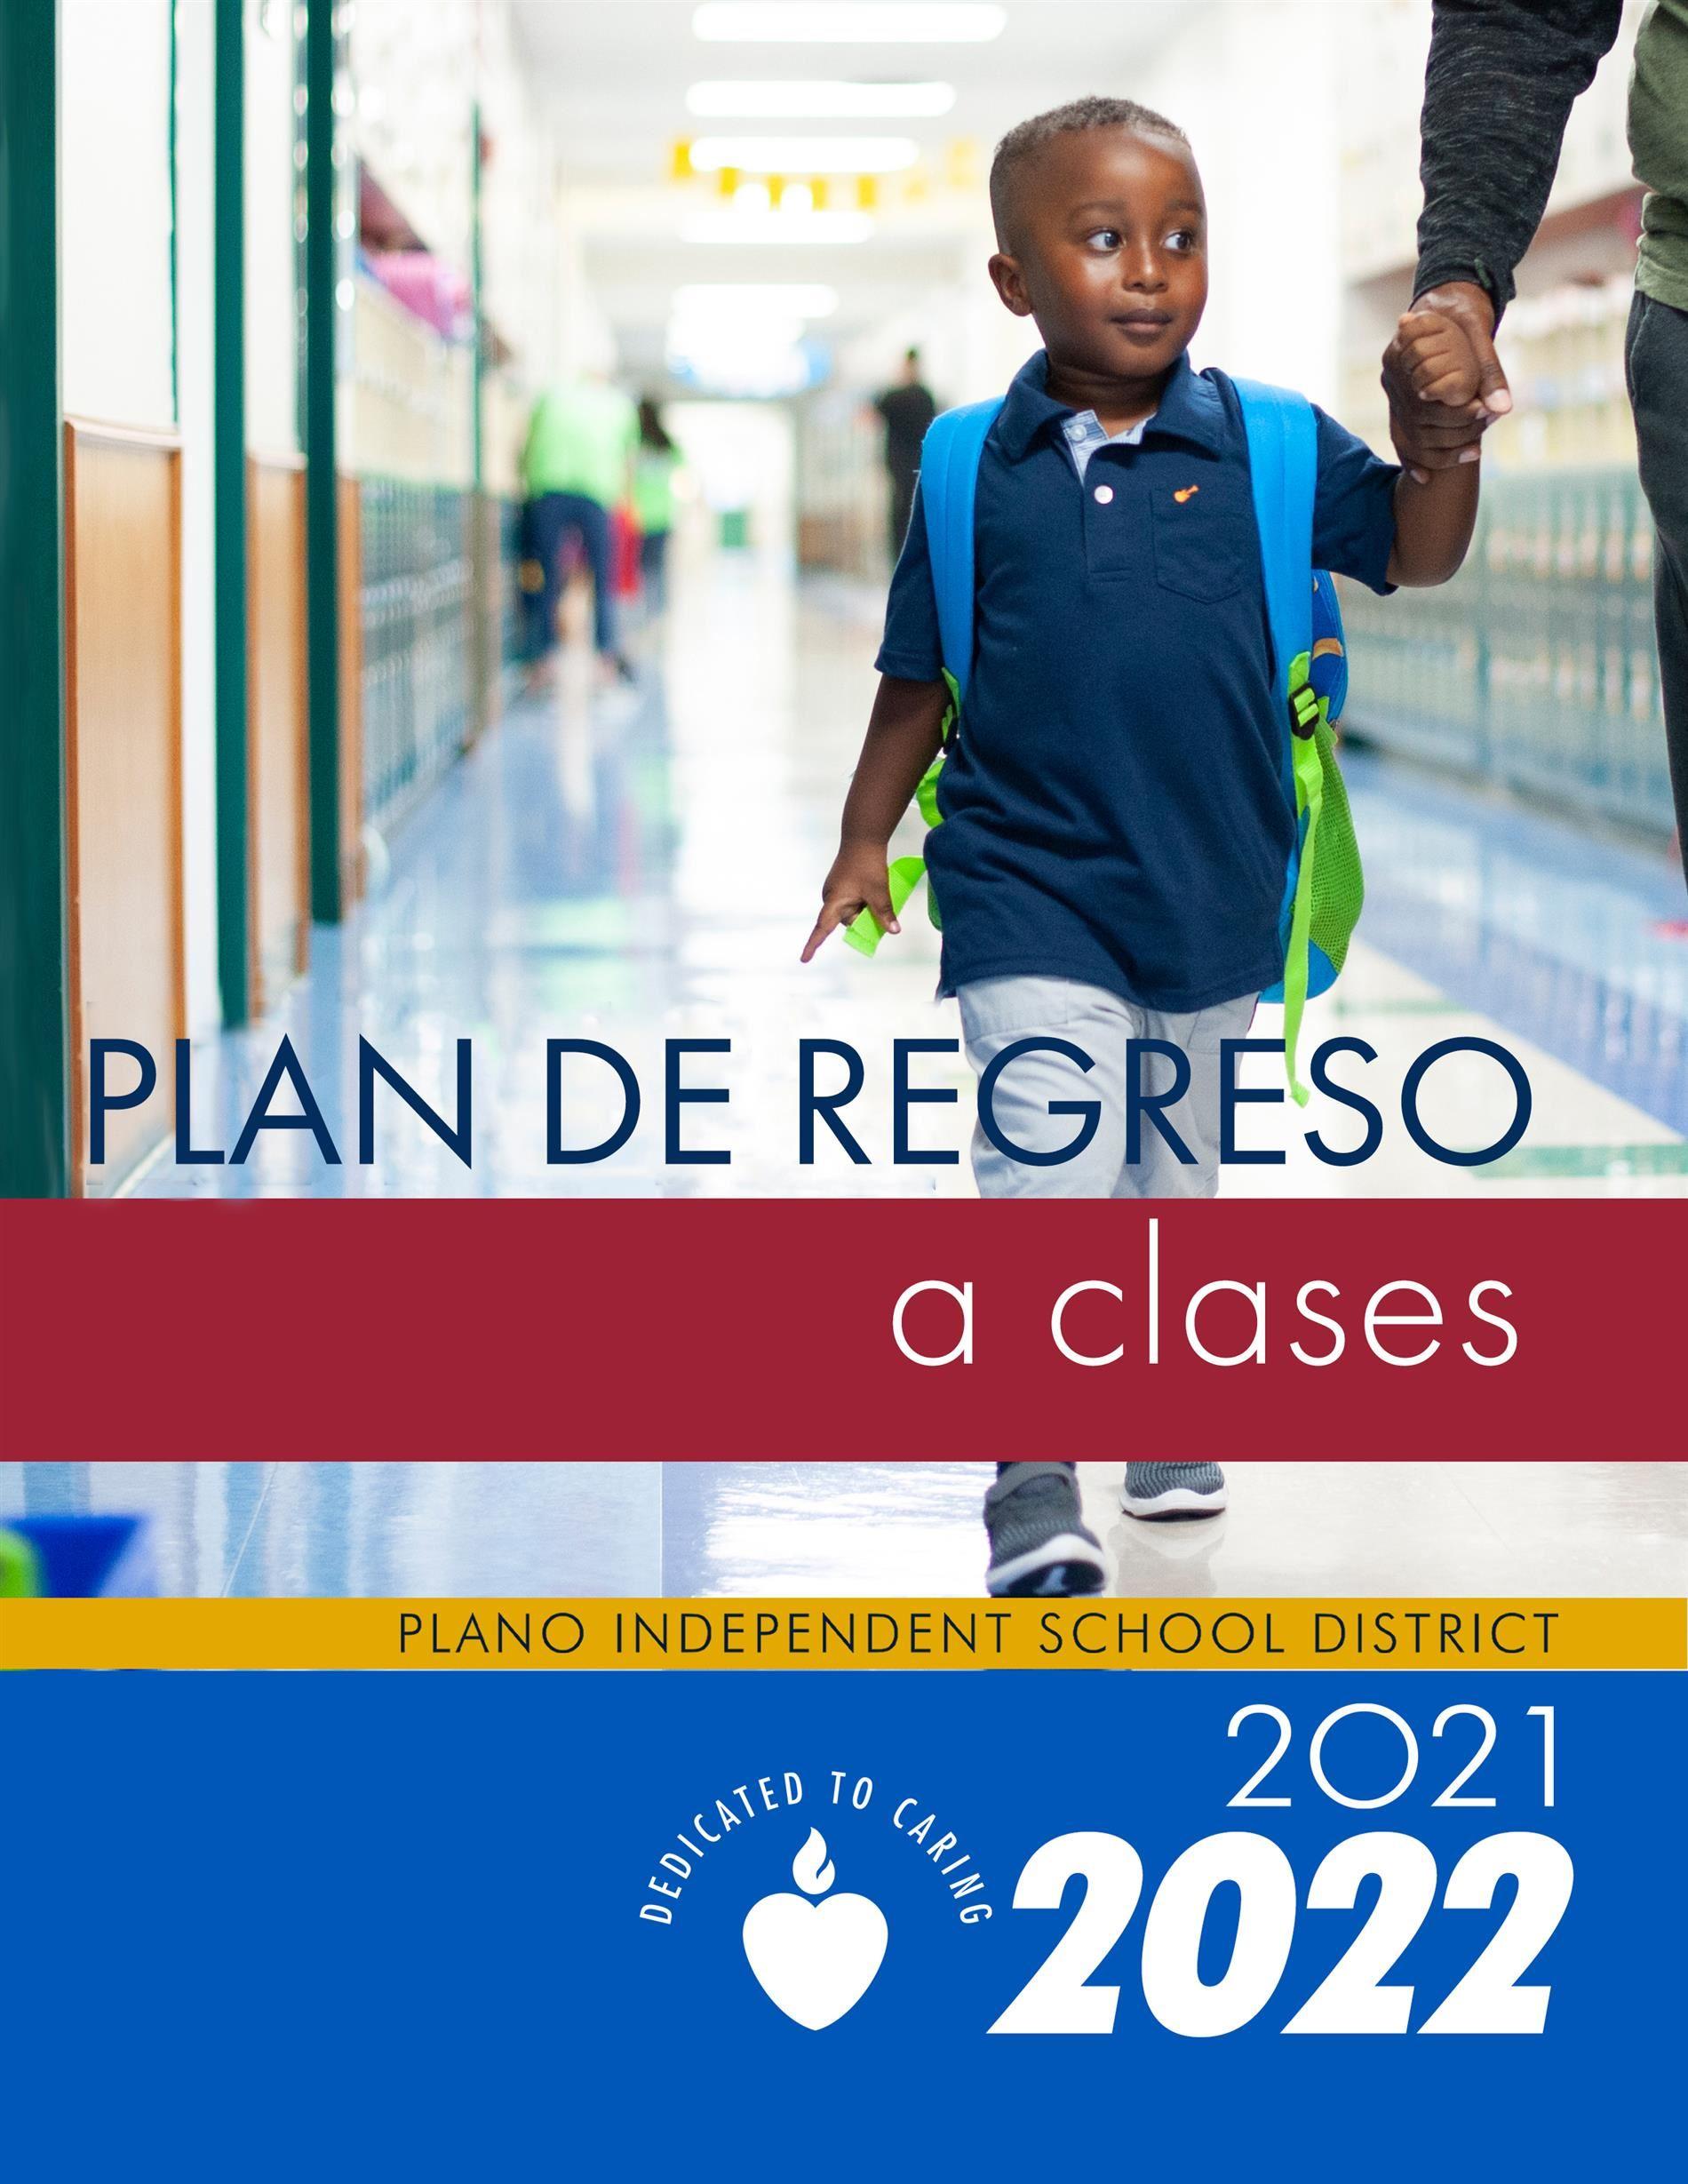 Plan de regreso a clases